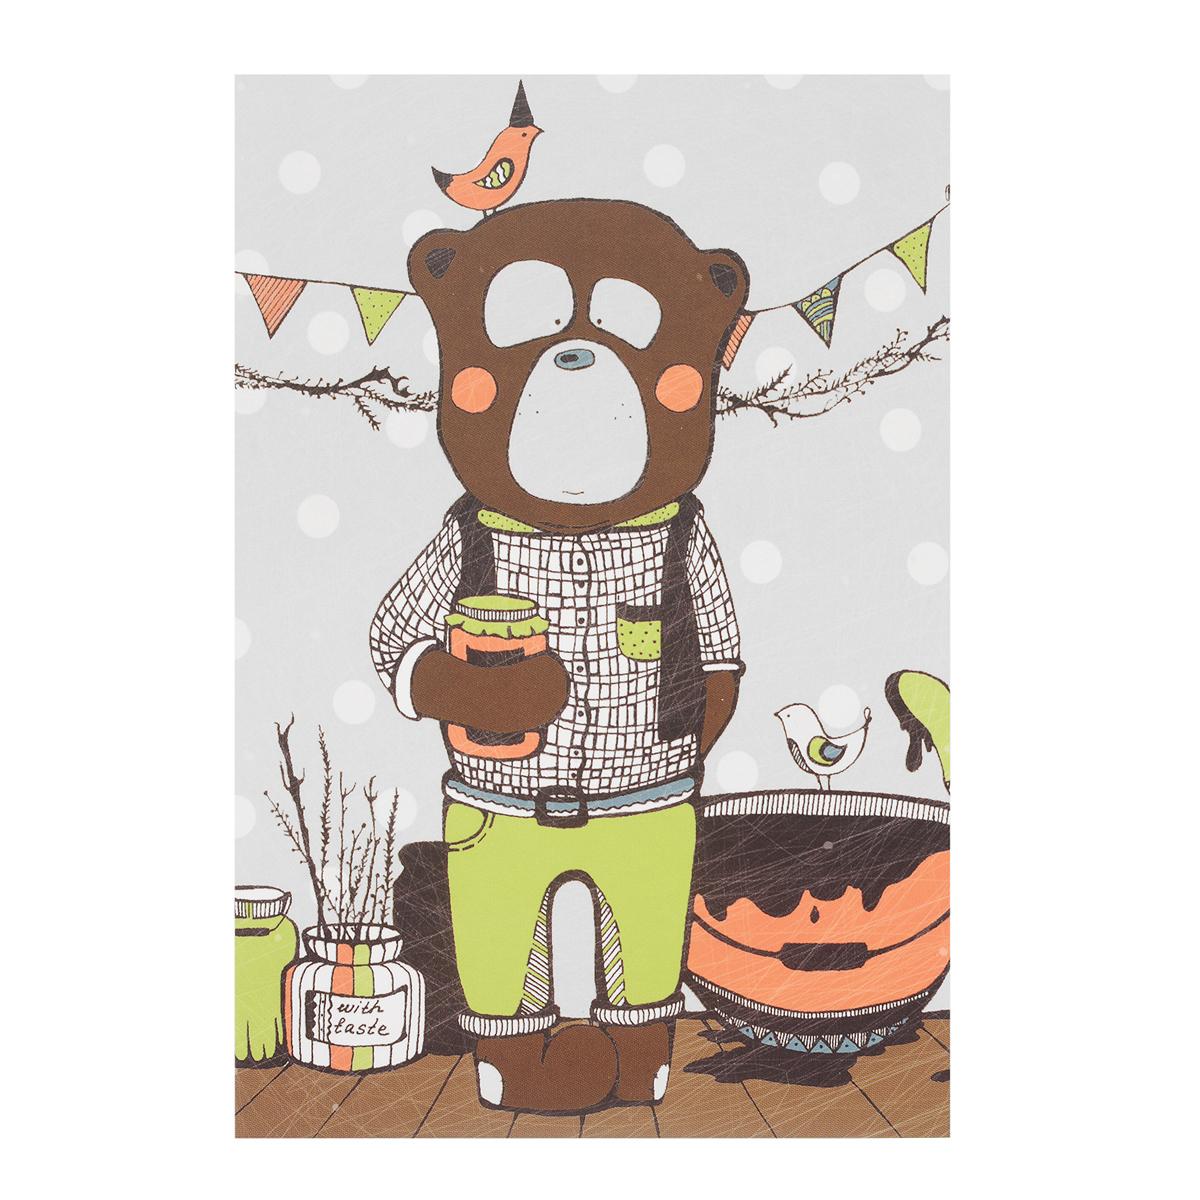 Открытка Вкус варенья. Автор Анастасия МежаковаMA10-002Оригинальная дизайнерская открытка Вкус варенья выполнена из плотного матового картона. На лицевой стороне расположена репродукция картины художницы Анастасии Межаковой с изображением медведя, занятого приготовлением вкусного варенья. Такая открытка станет великолепным дополнением к подарку или оригинальным почтовым посланием, которое, несомненно, удивит получателя своим дизайном и подарит приятные воспоминания.